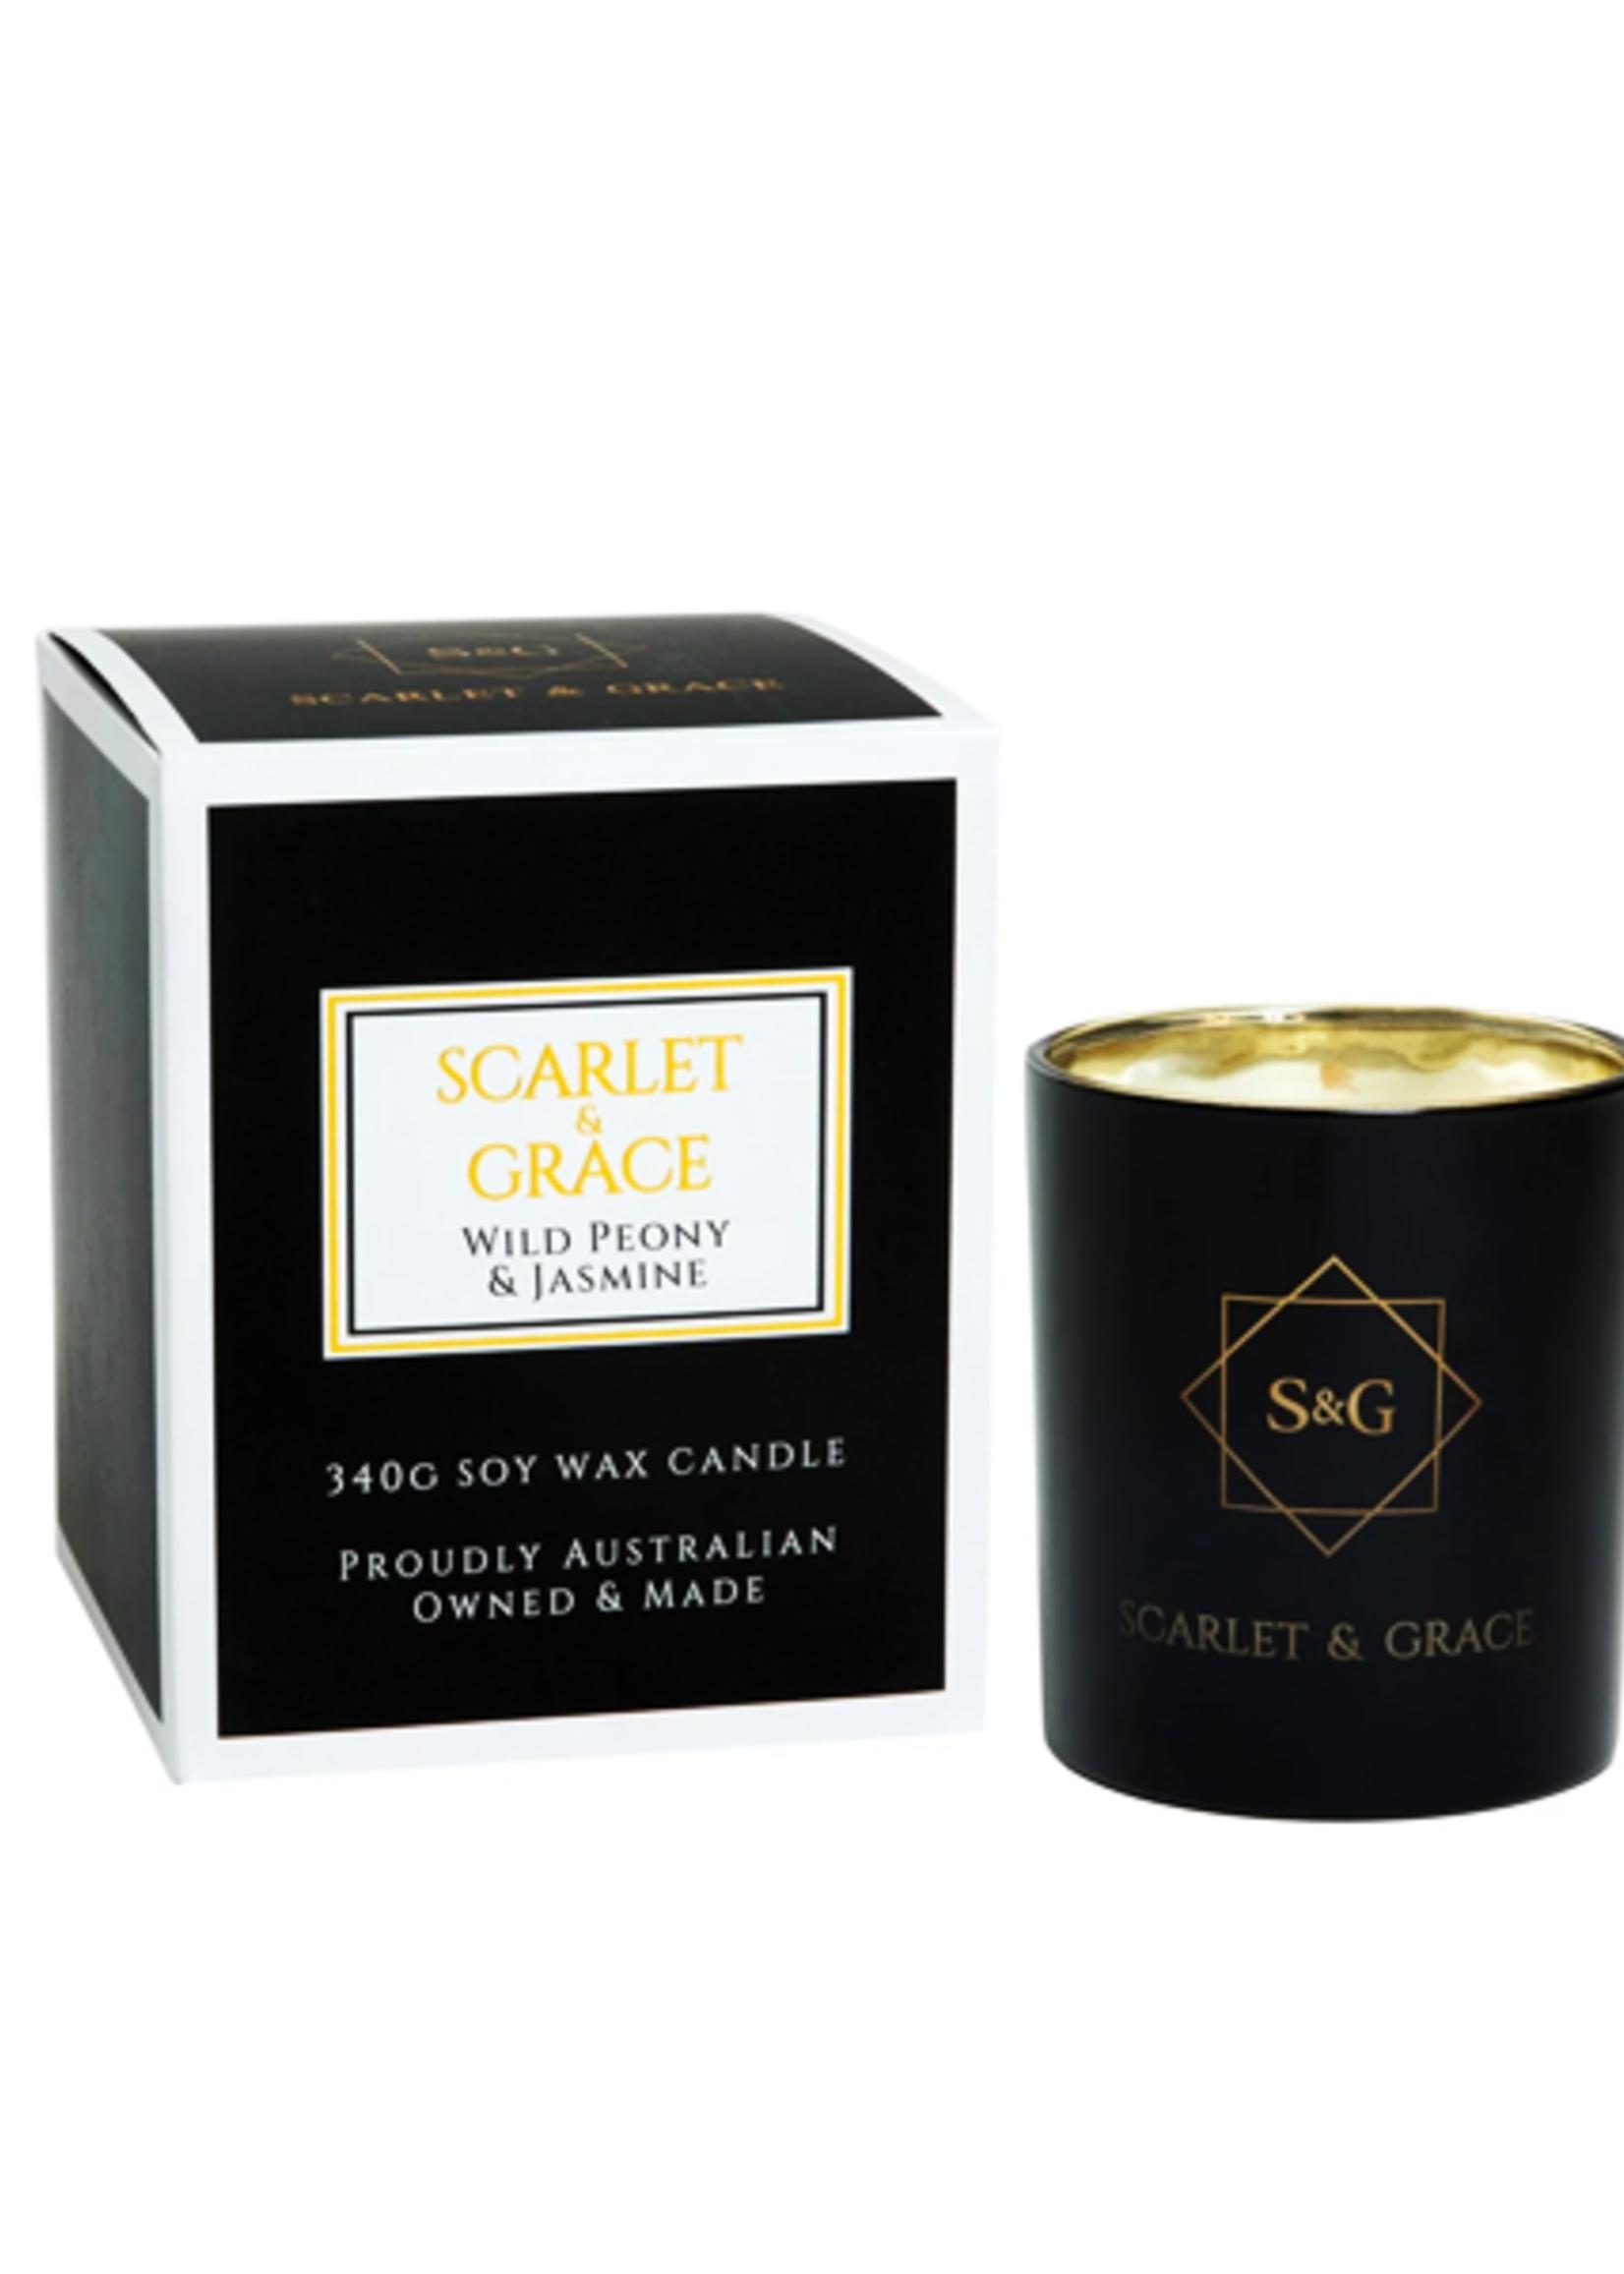 Scarlet & Grace 340g Soy Wax Candle - Wild Peony & Jasmine